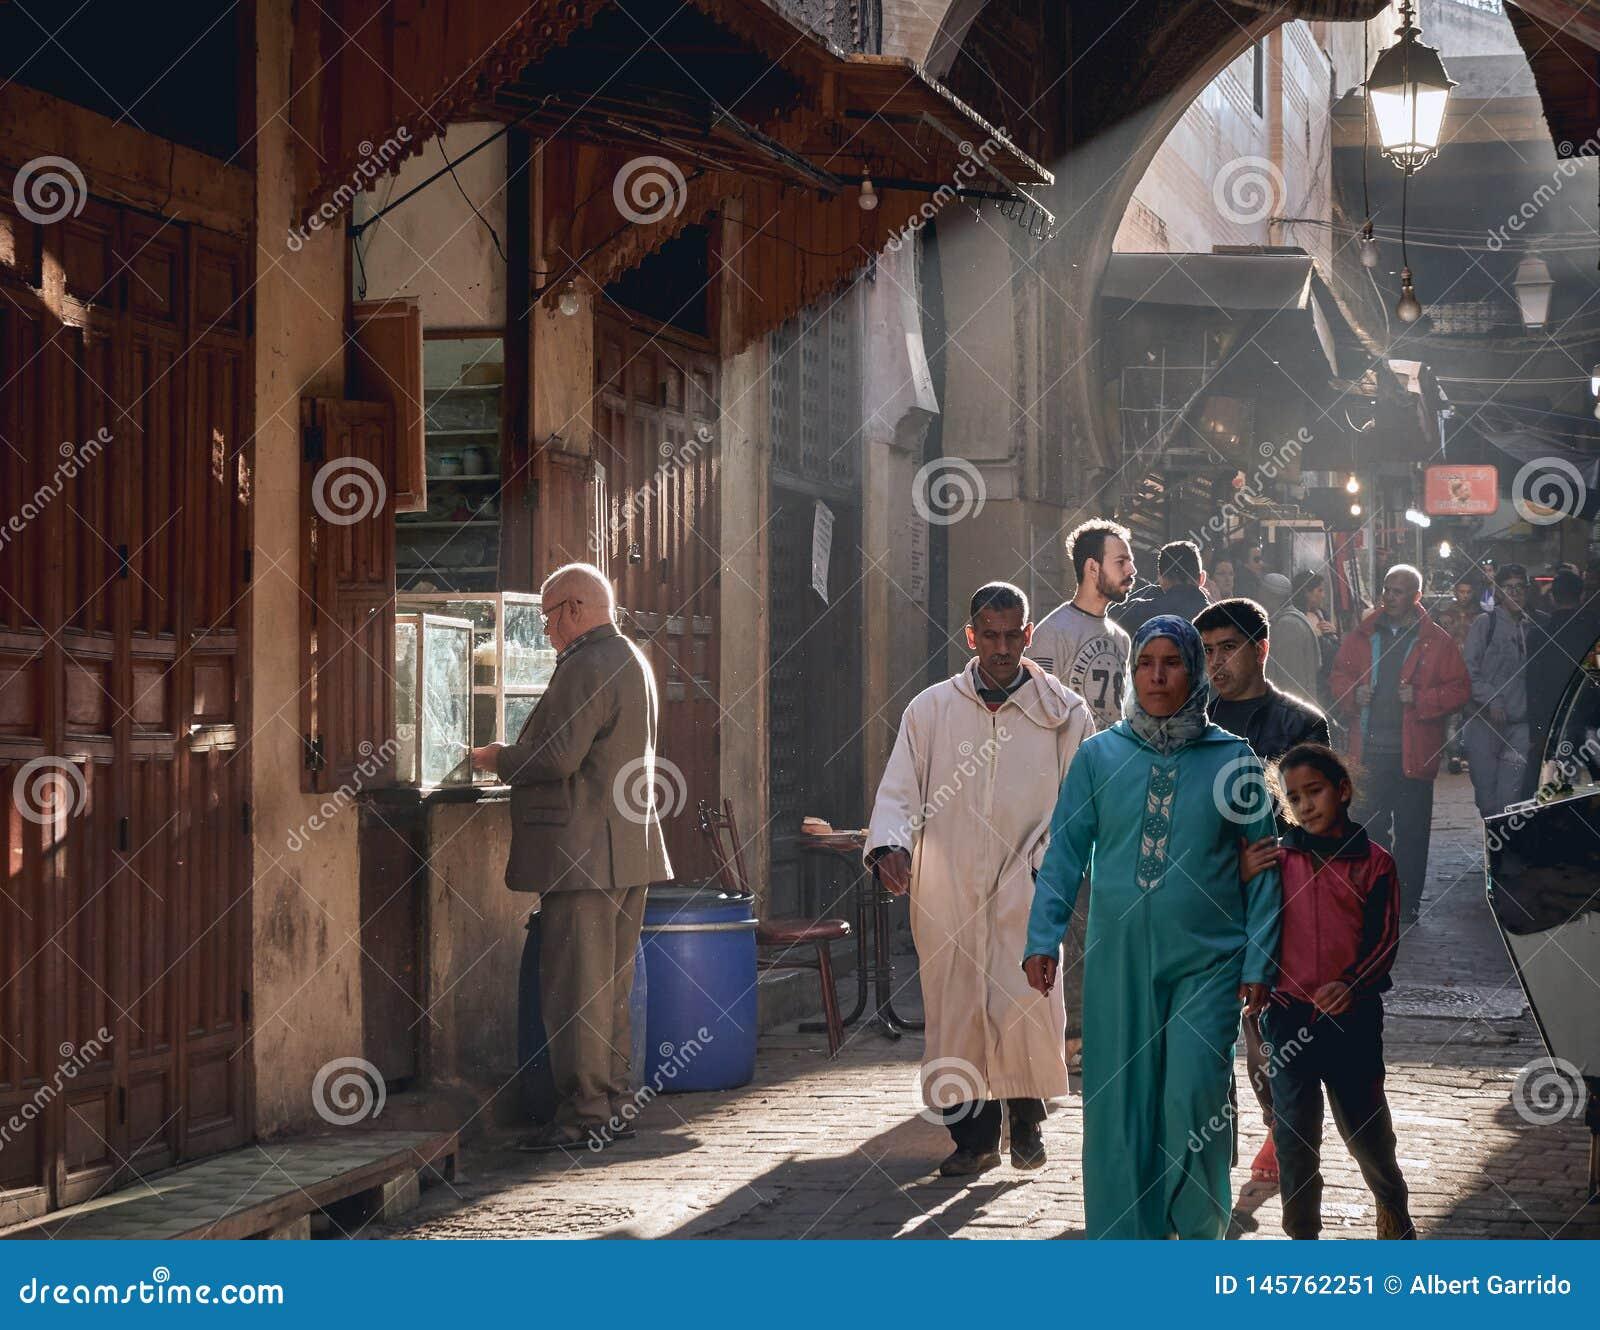 Fez, Maroc - 7 décembre 2018 : Dame marocaine avec sa fille marchant par un passage de Fez la Médina avec des rayons de lumière